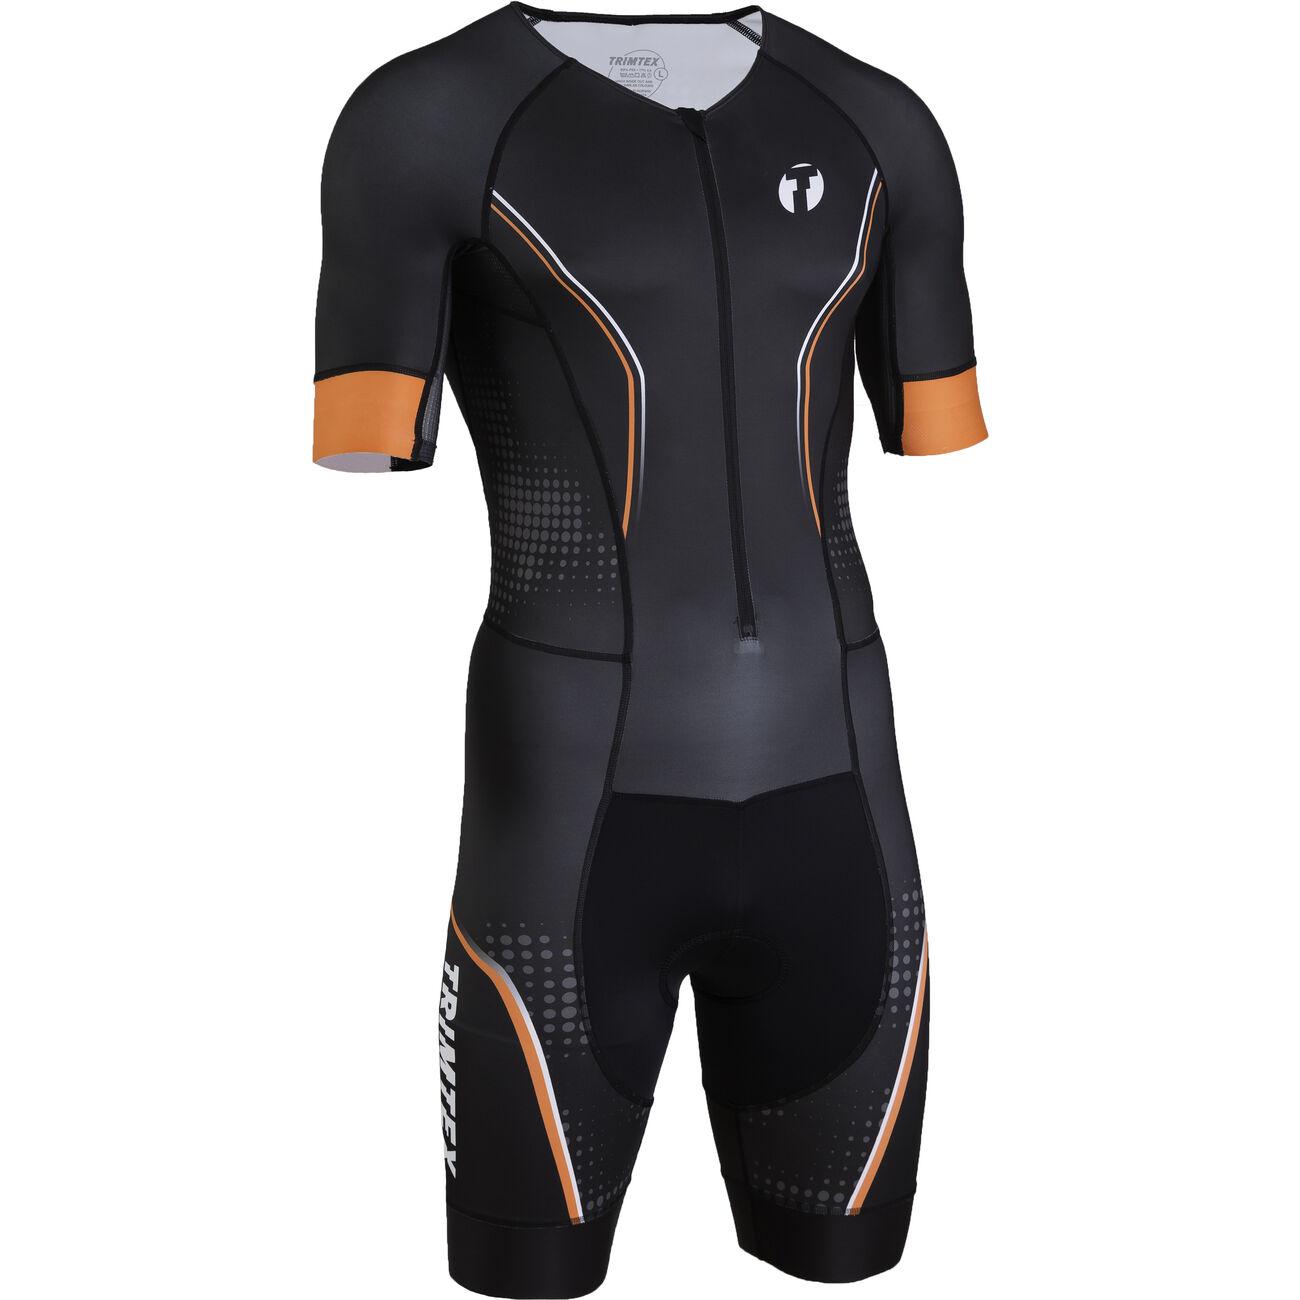 Pro Triatlon Skinsuit